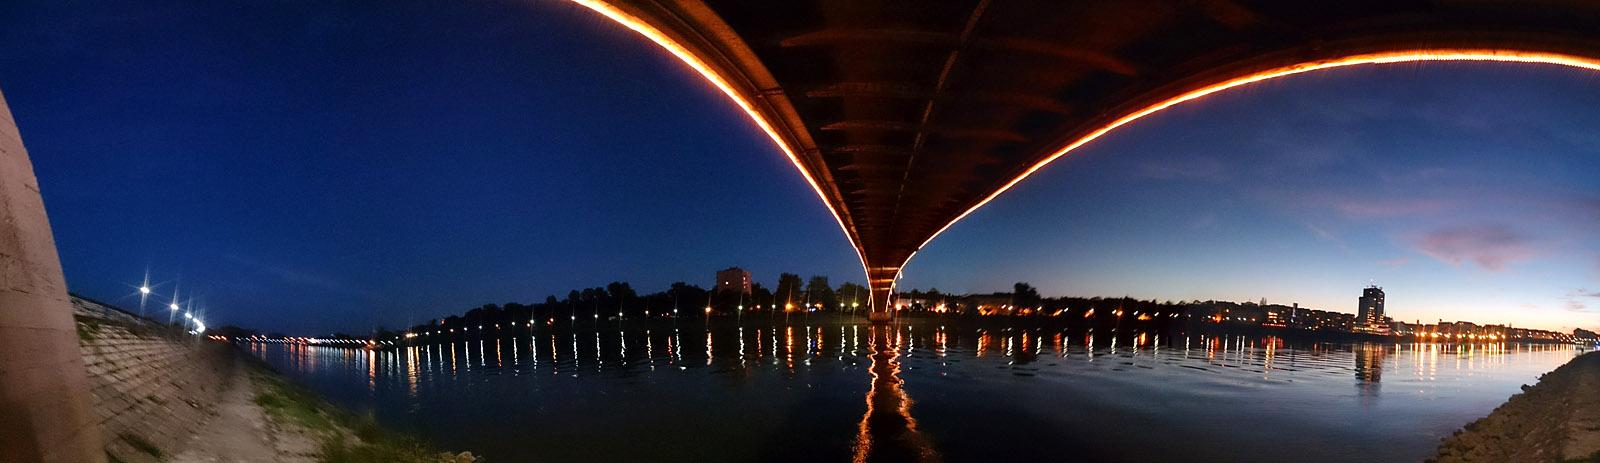 Pod mostom  Foto: Zen Špehar  Ključne riječi: pod mostom panorama mrak drava